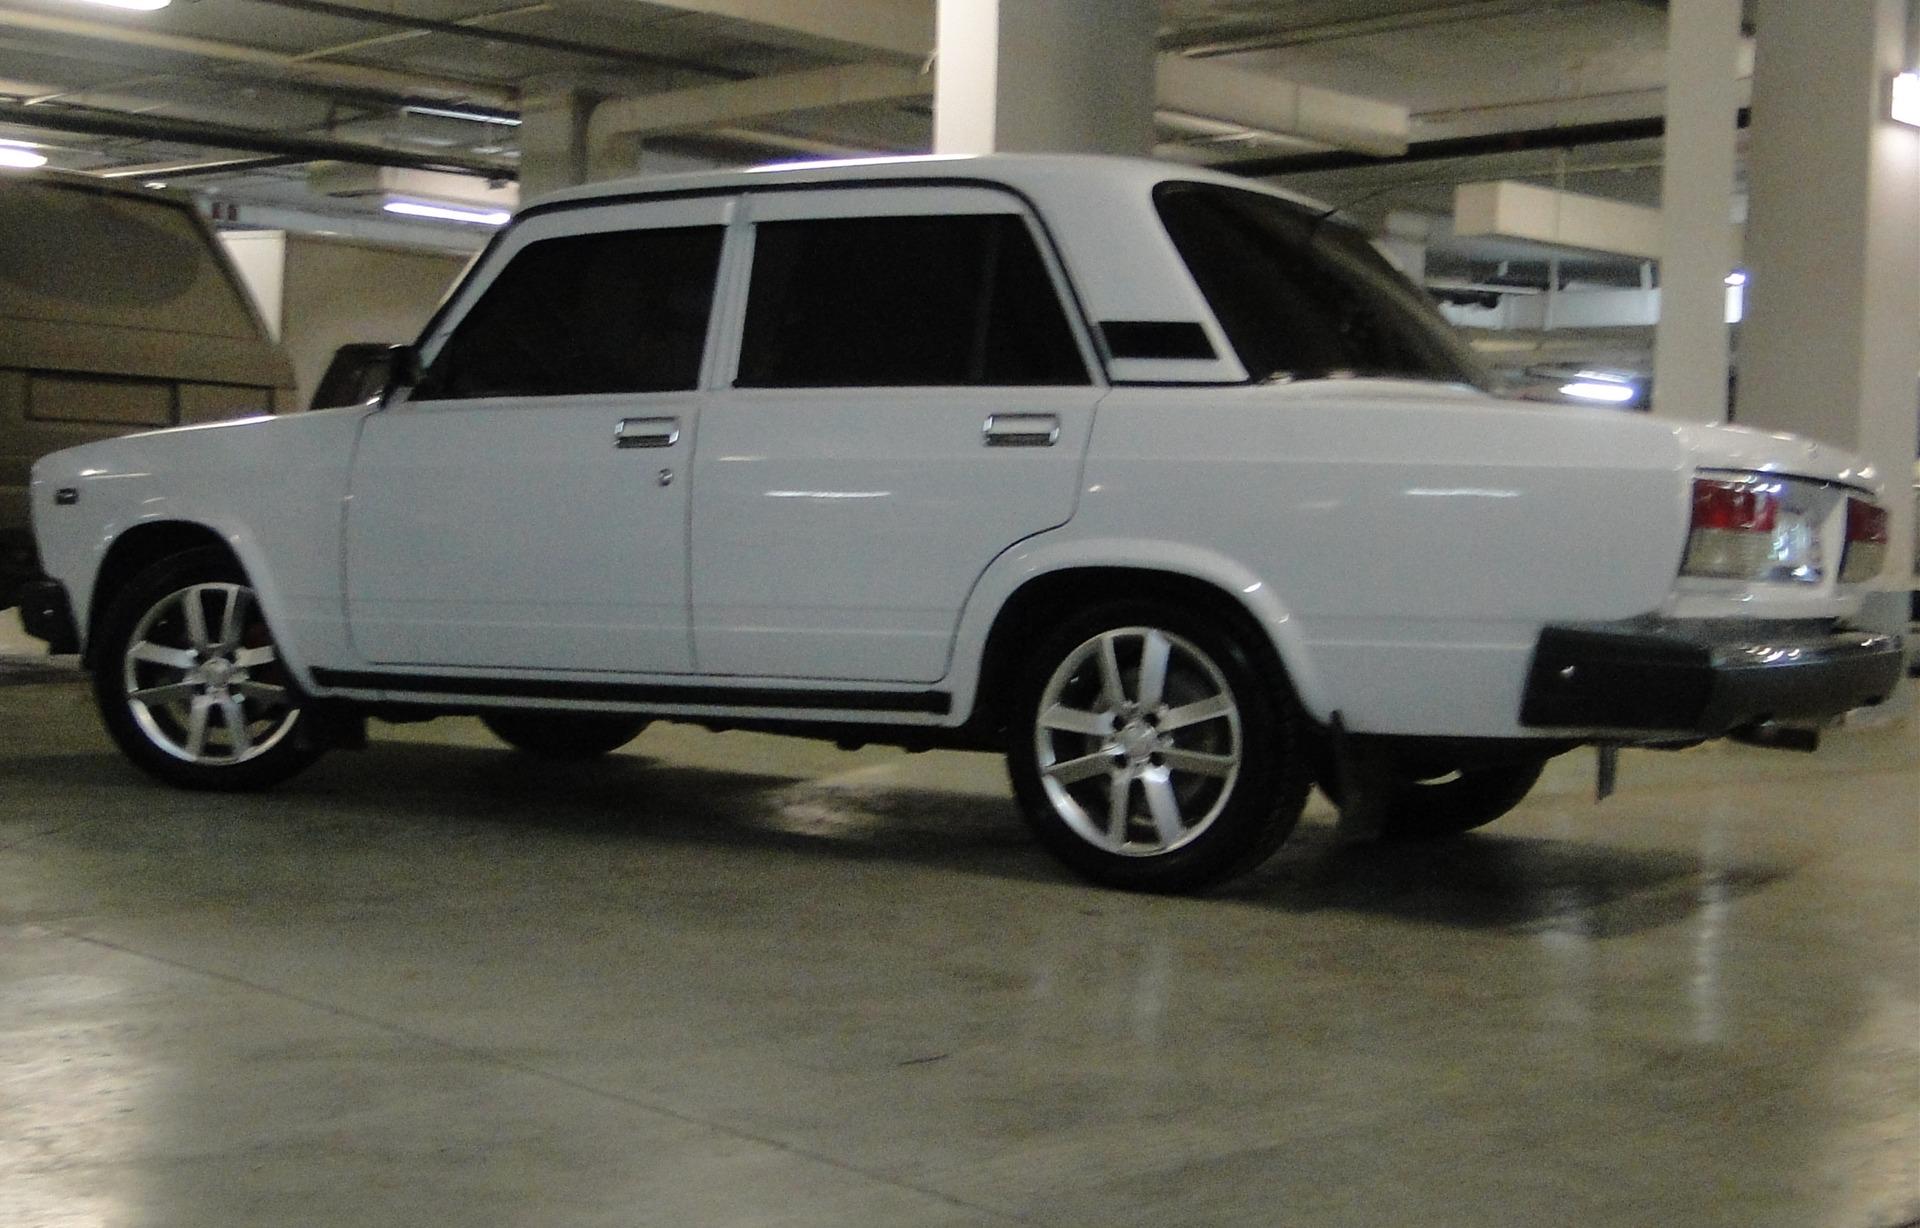 Запись, 22 November 2010 — Community «Белые автомобили on